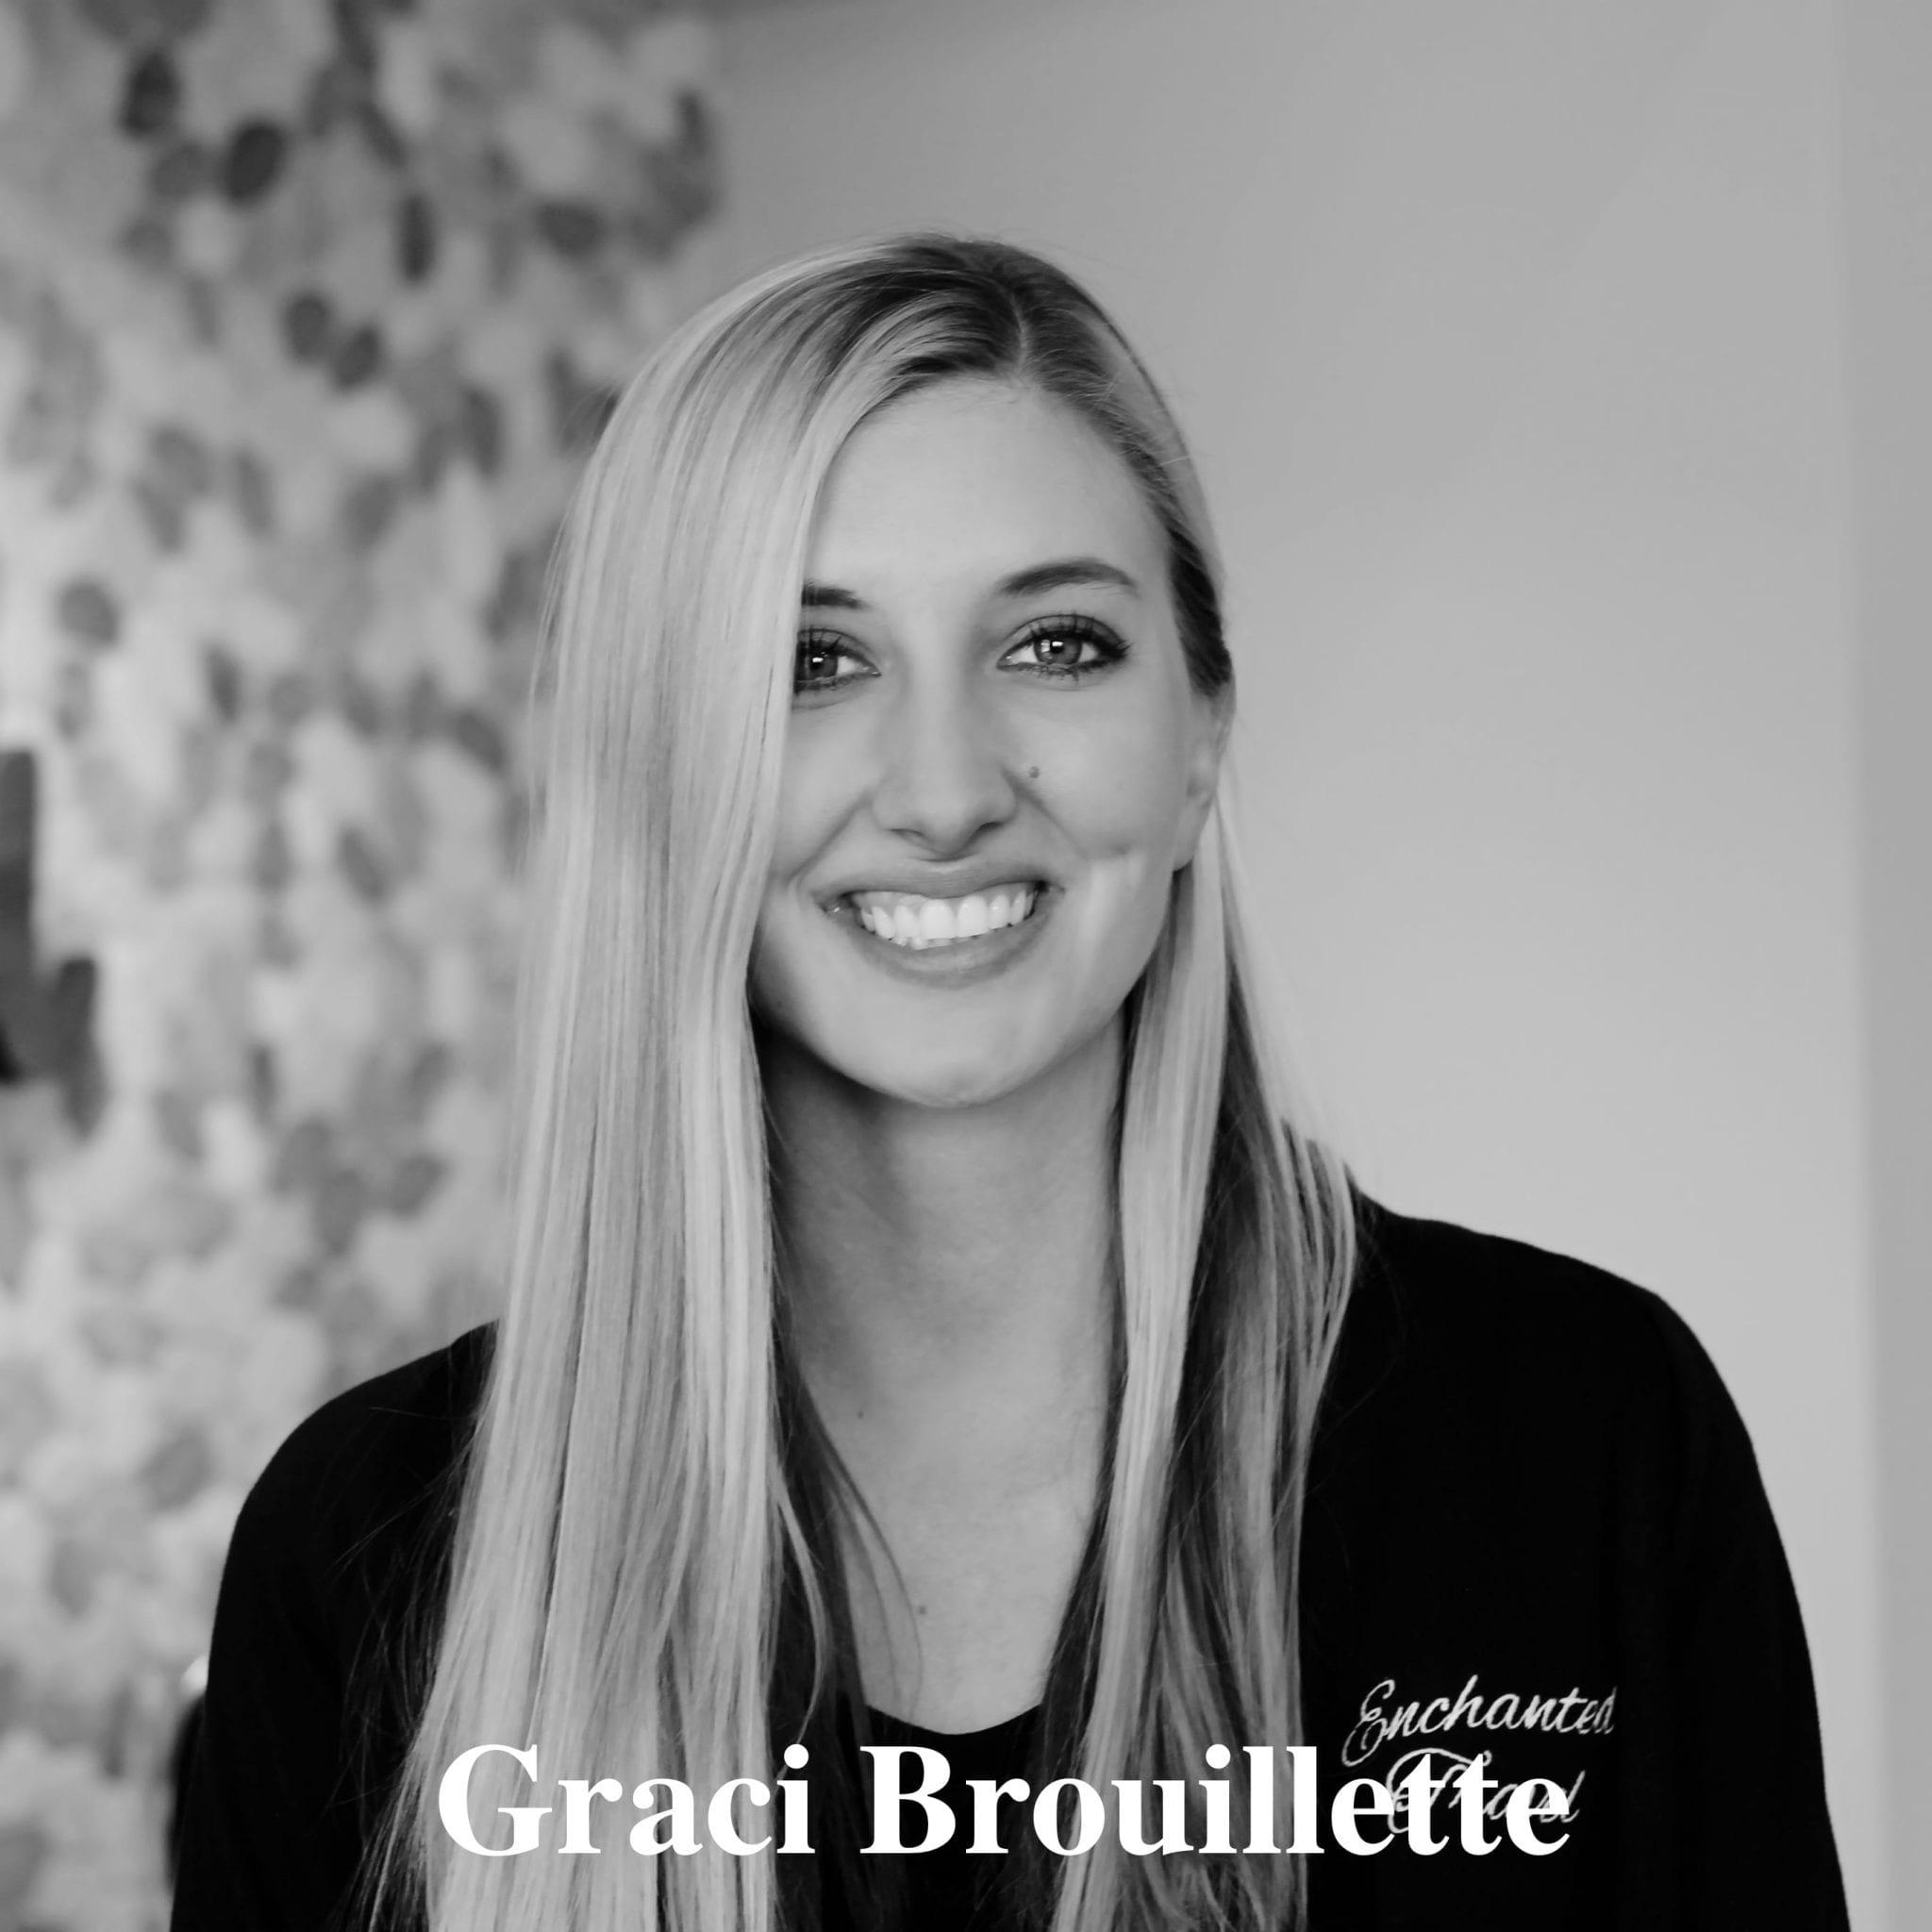 Graci Brouillette